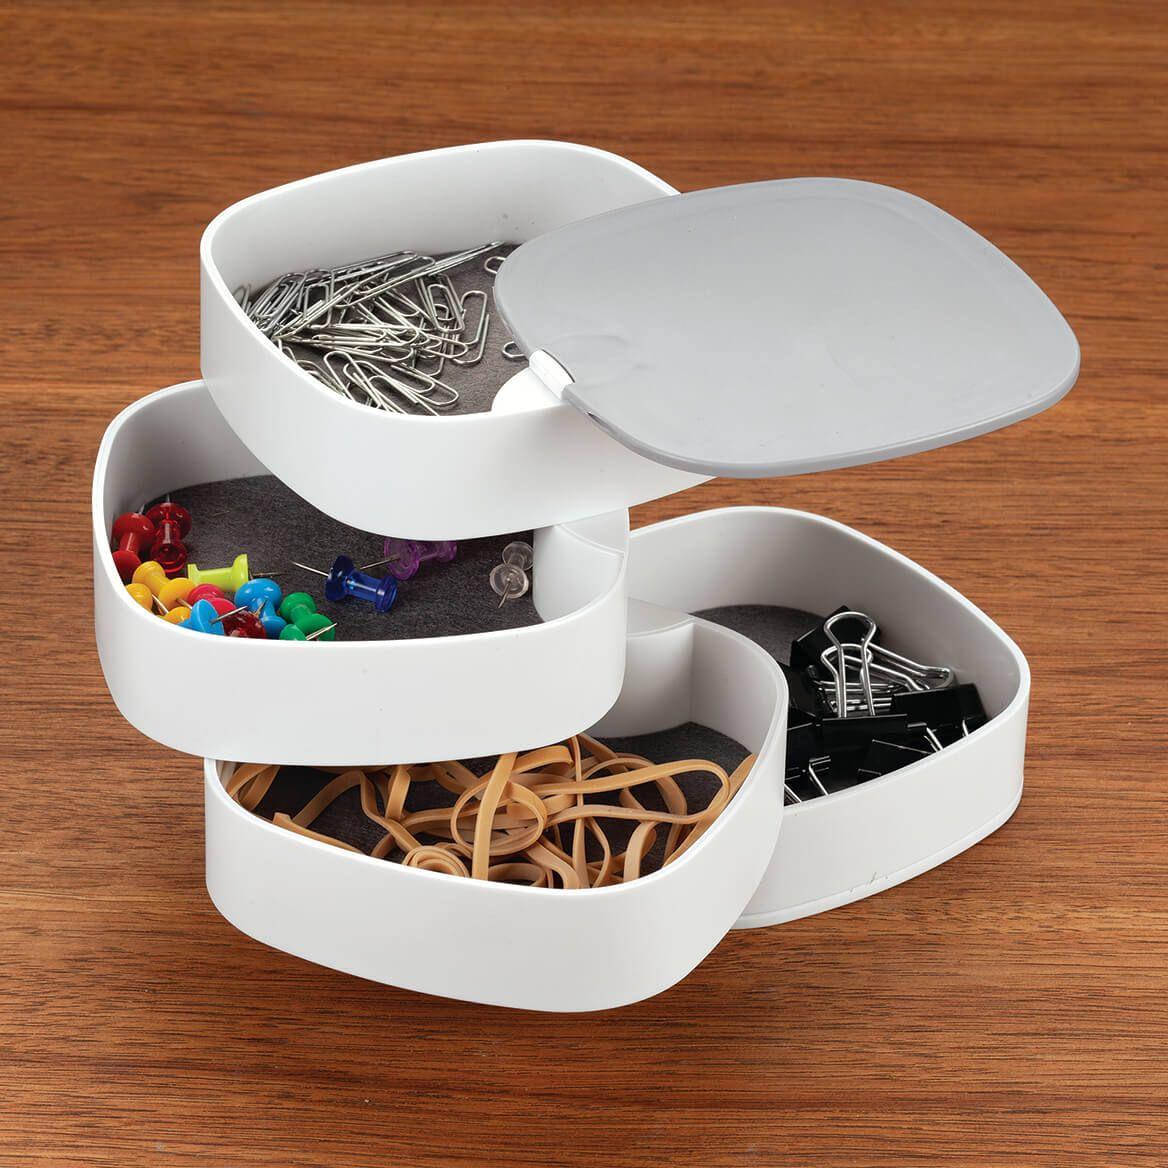 Rotating Organizer-371993